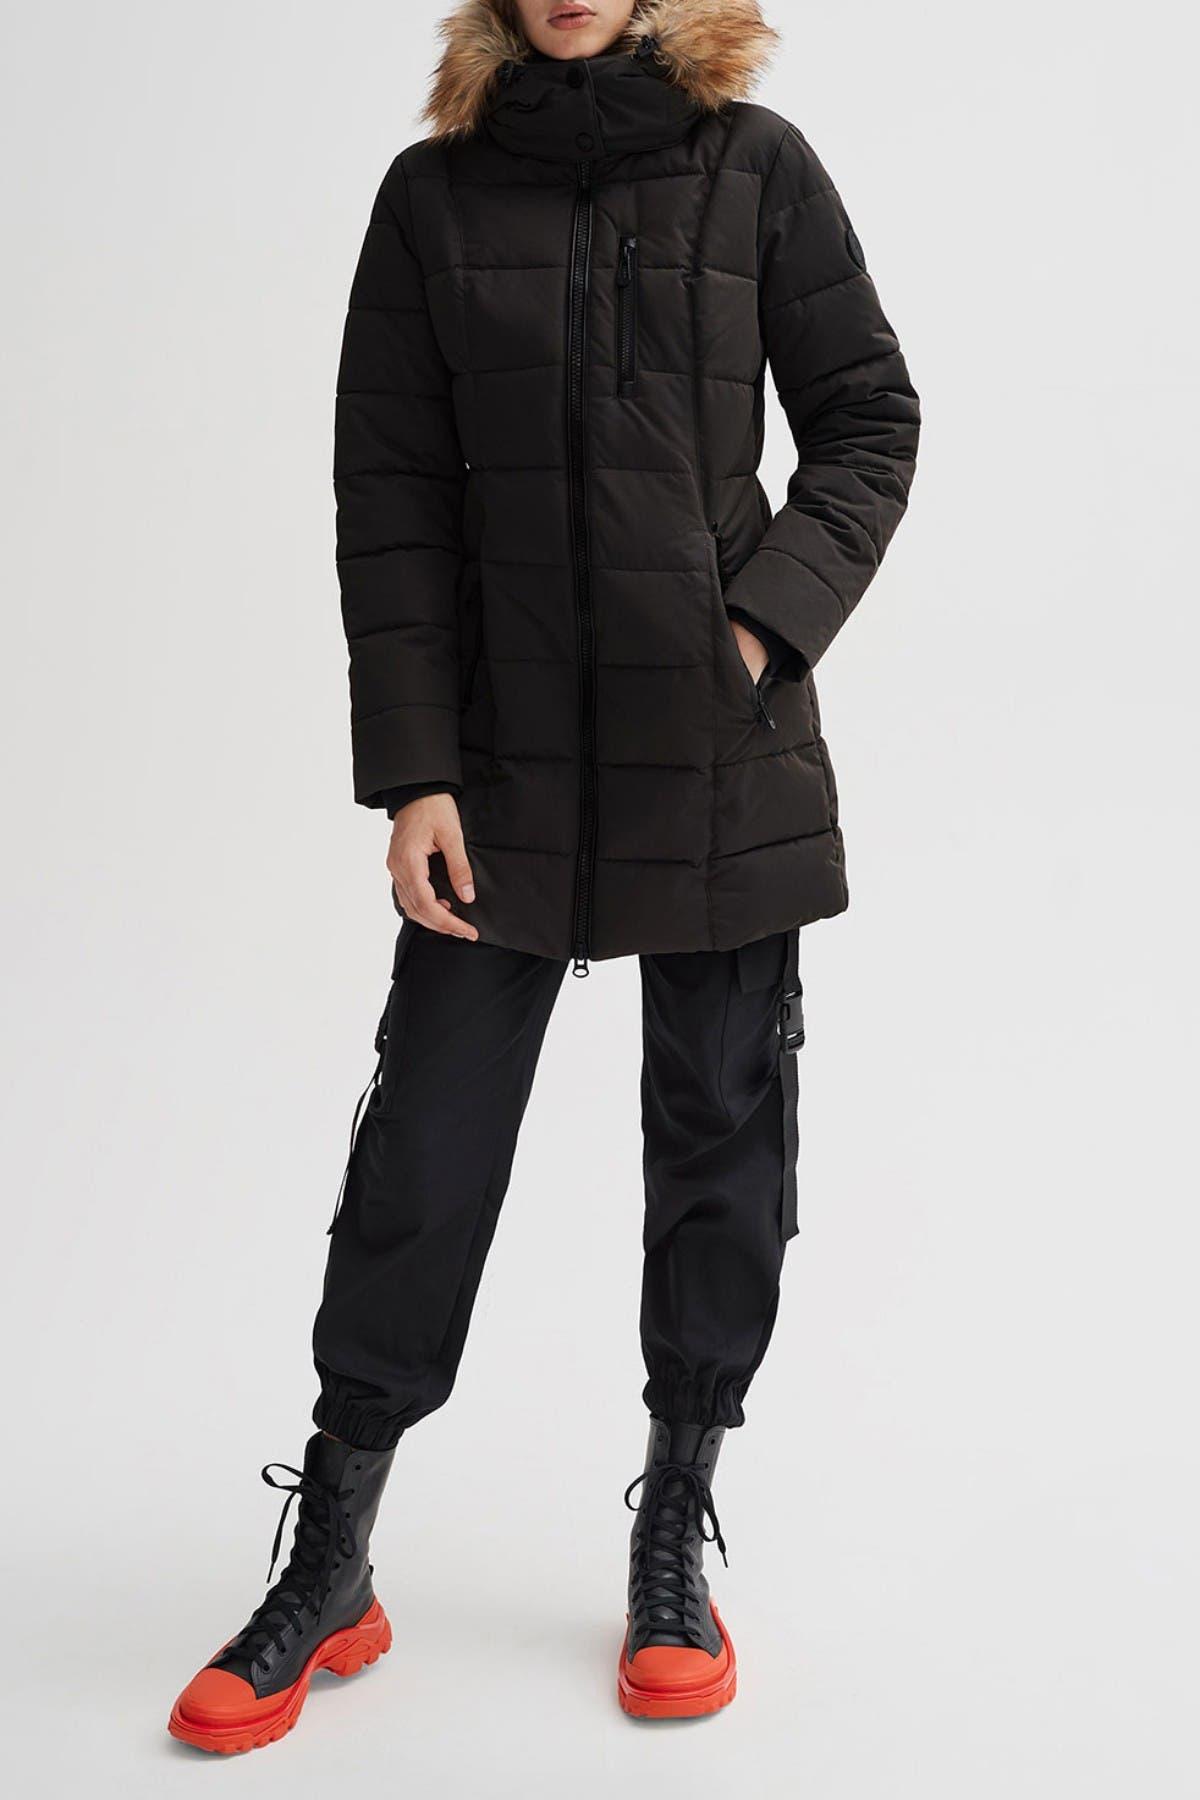 Image of NOIZE Hannah Faux Fur Trim Hooded Parka